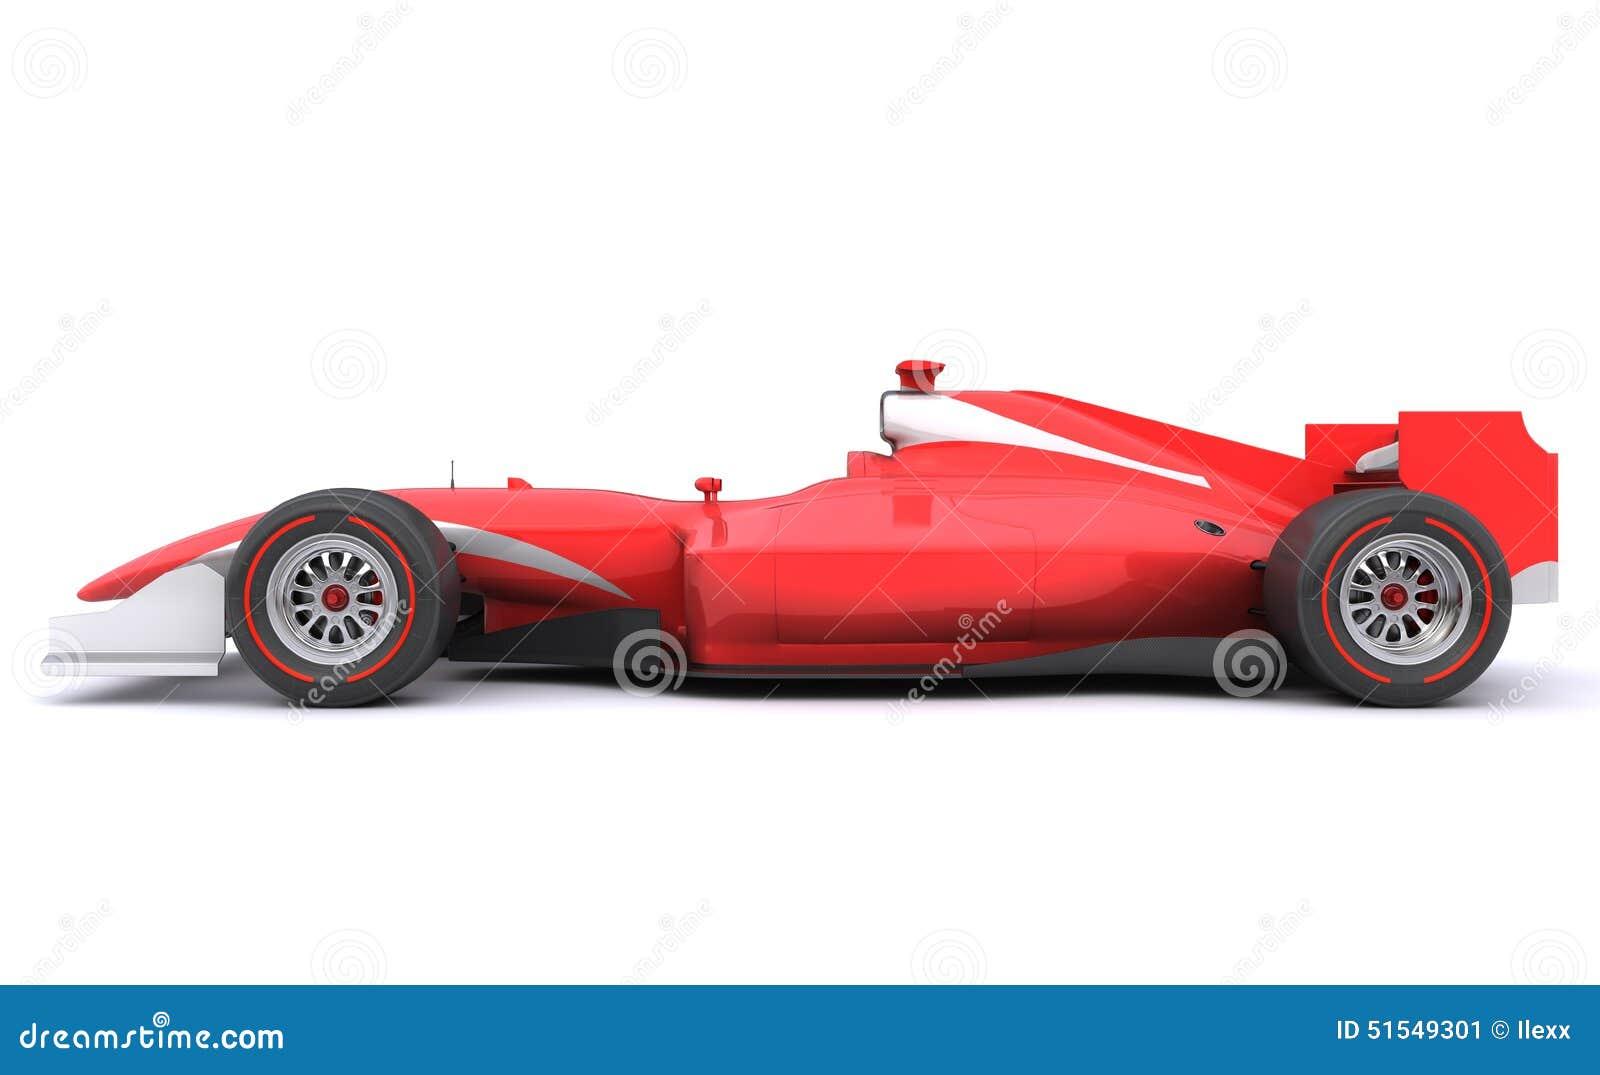 Race Car Side View Formula Race Re...